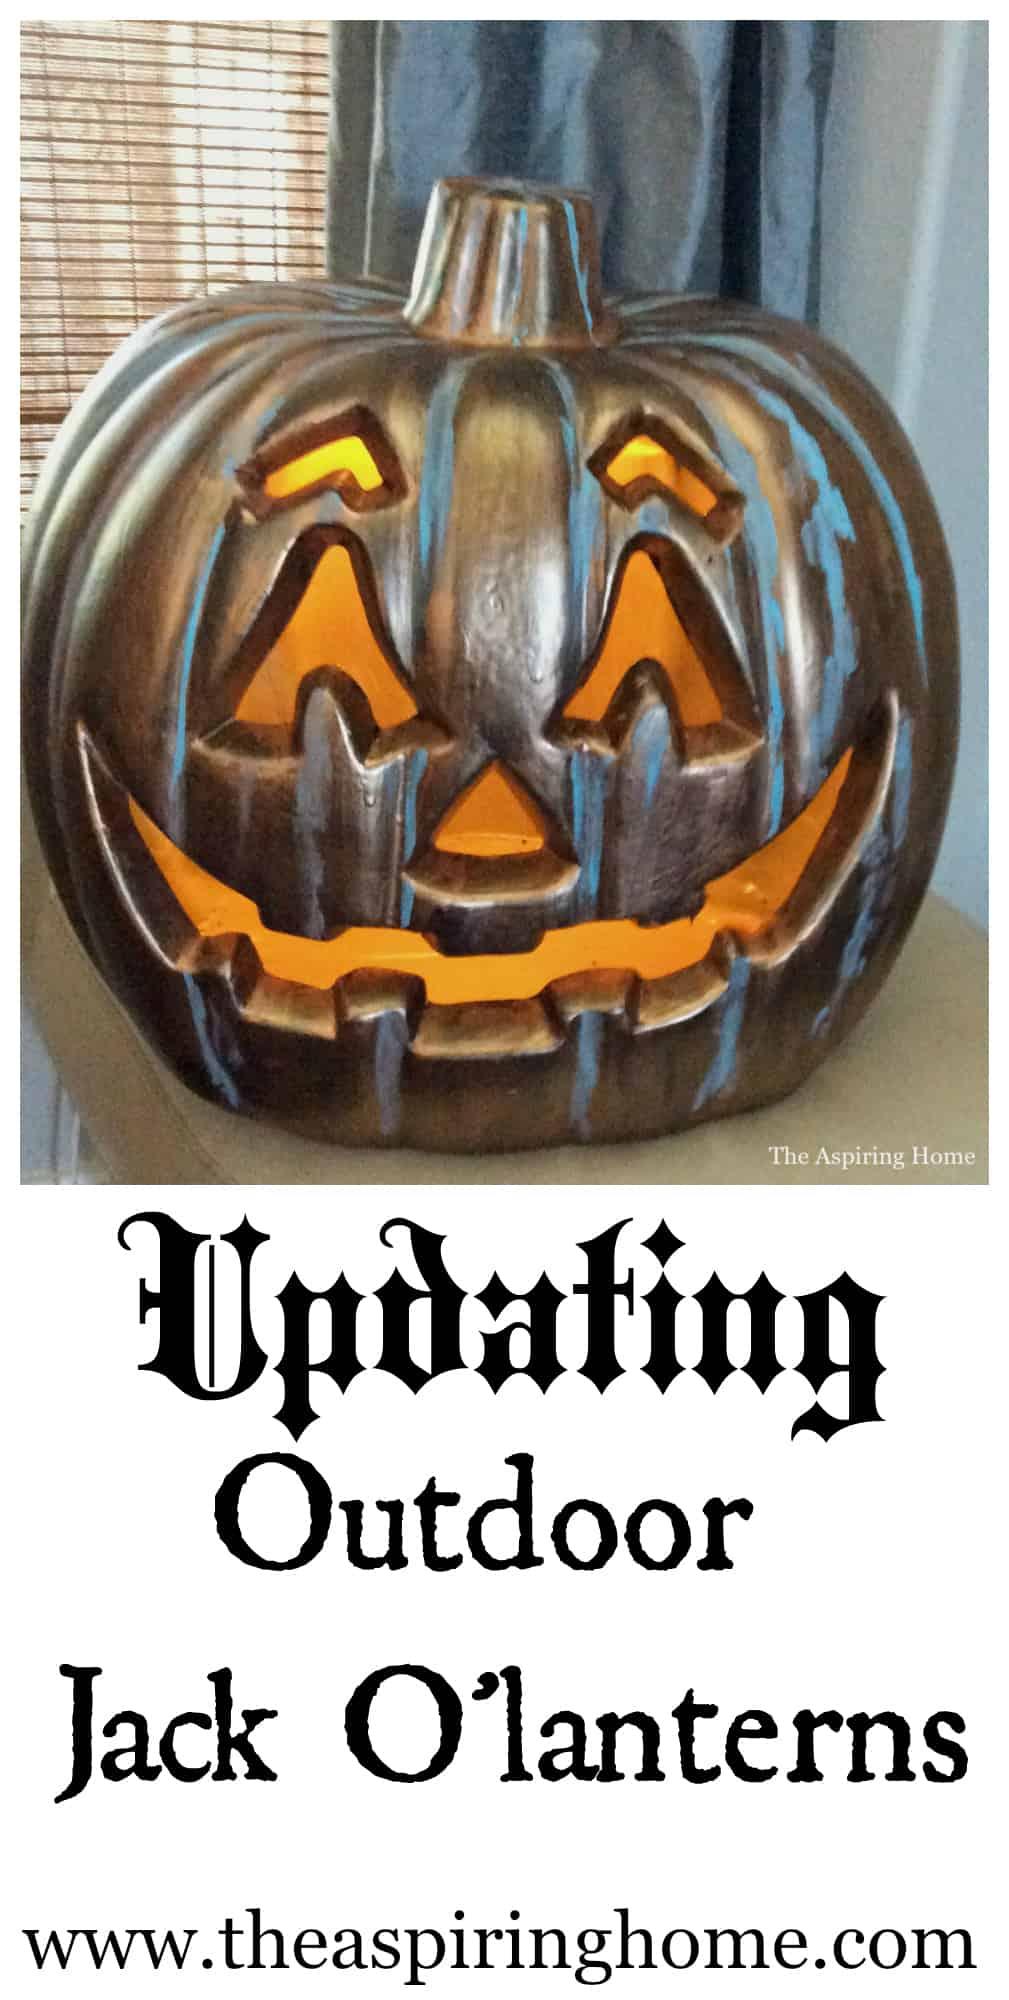 Updating Outdoor Jack O' lanterns pin